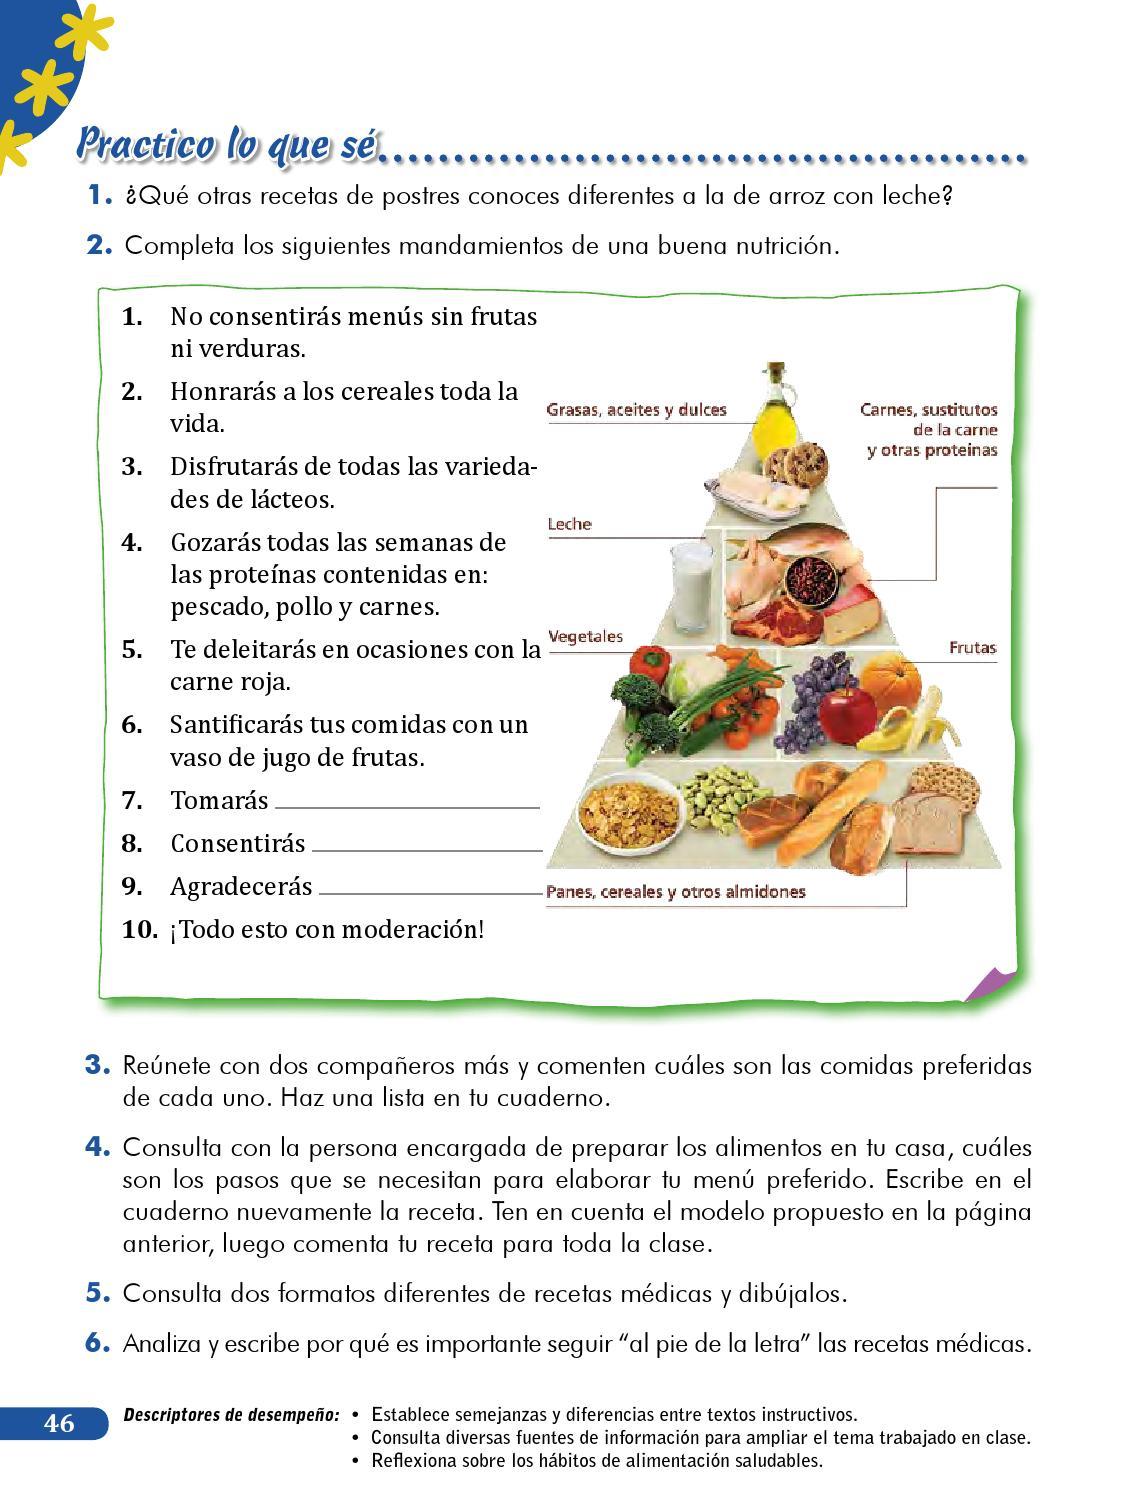 Gratis libro de texto nutricion fitness la cocina fit de vikika para leer ahora las recetas - La cocina fit de vikika pdf ...